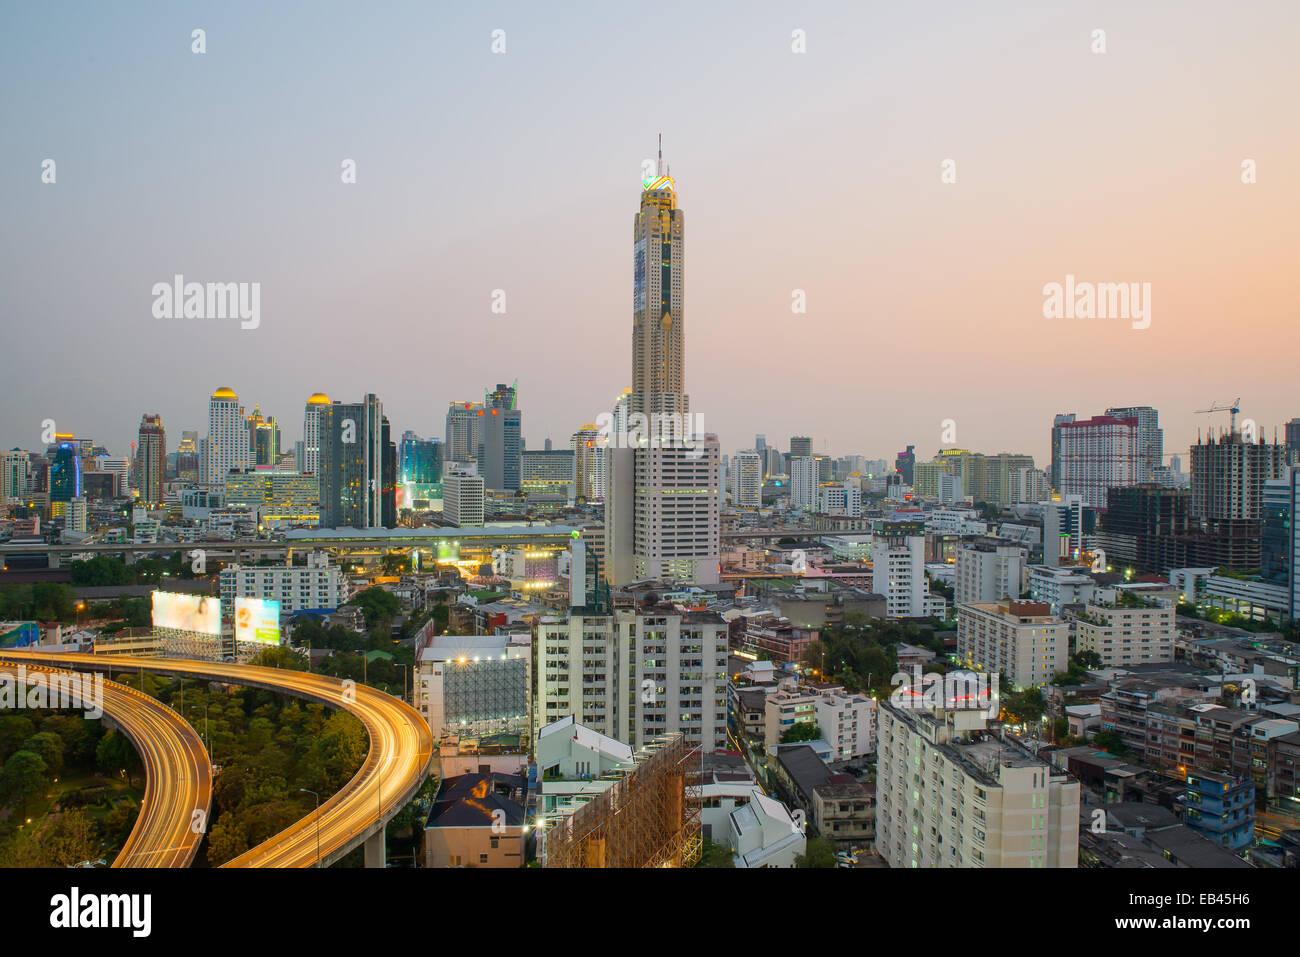 Ciudad de Bangkok en penumbra con tráfico principal Imagen De Stock